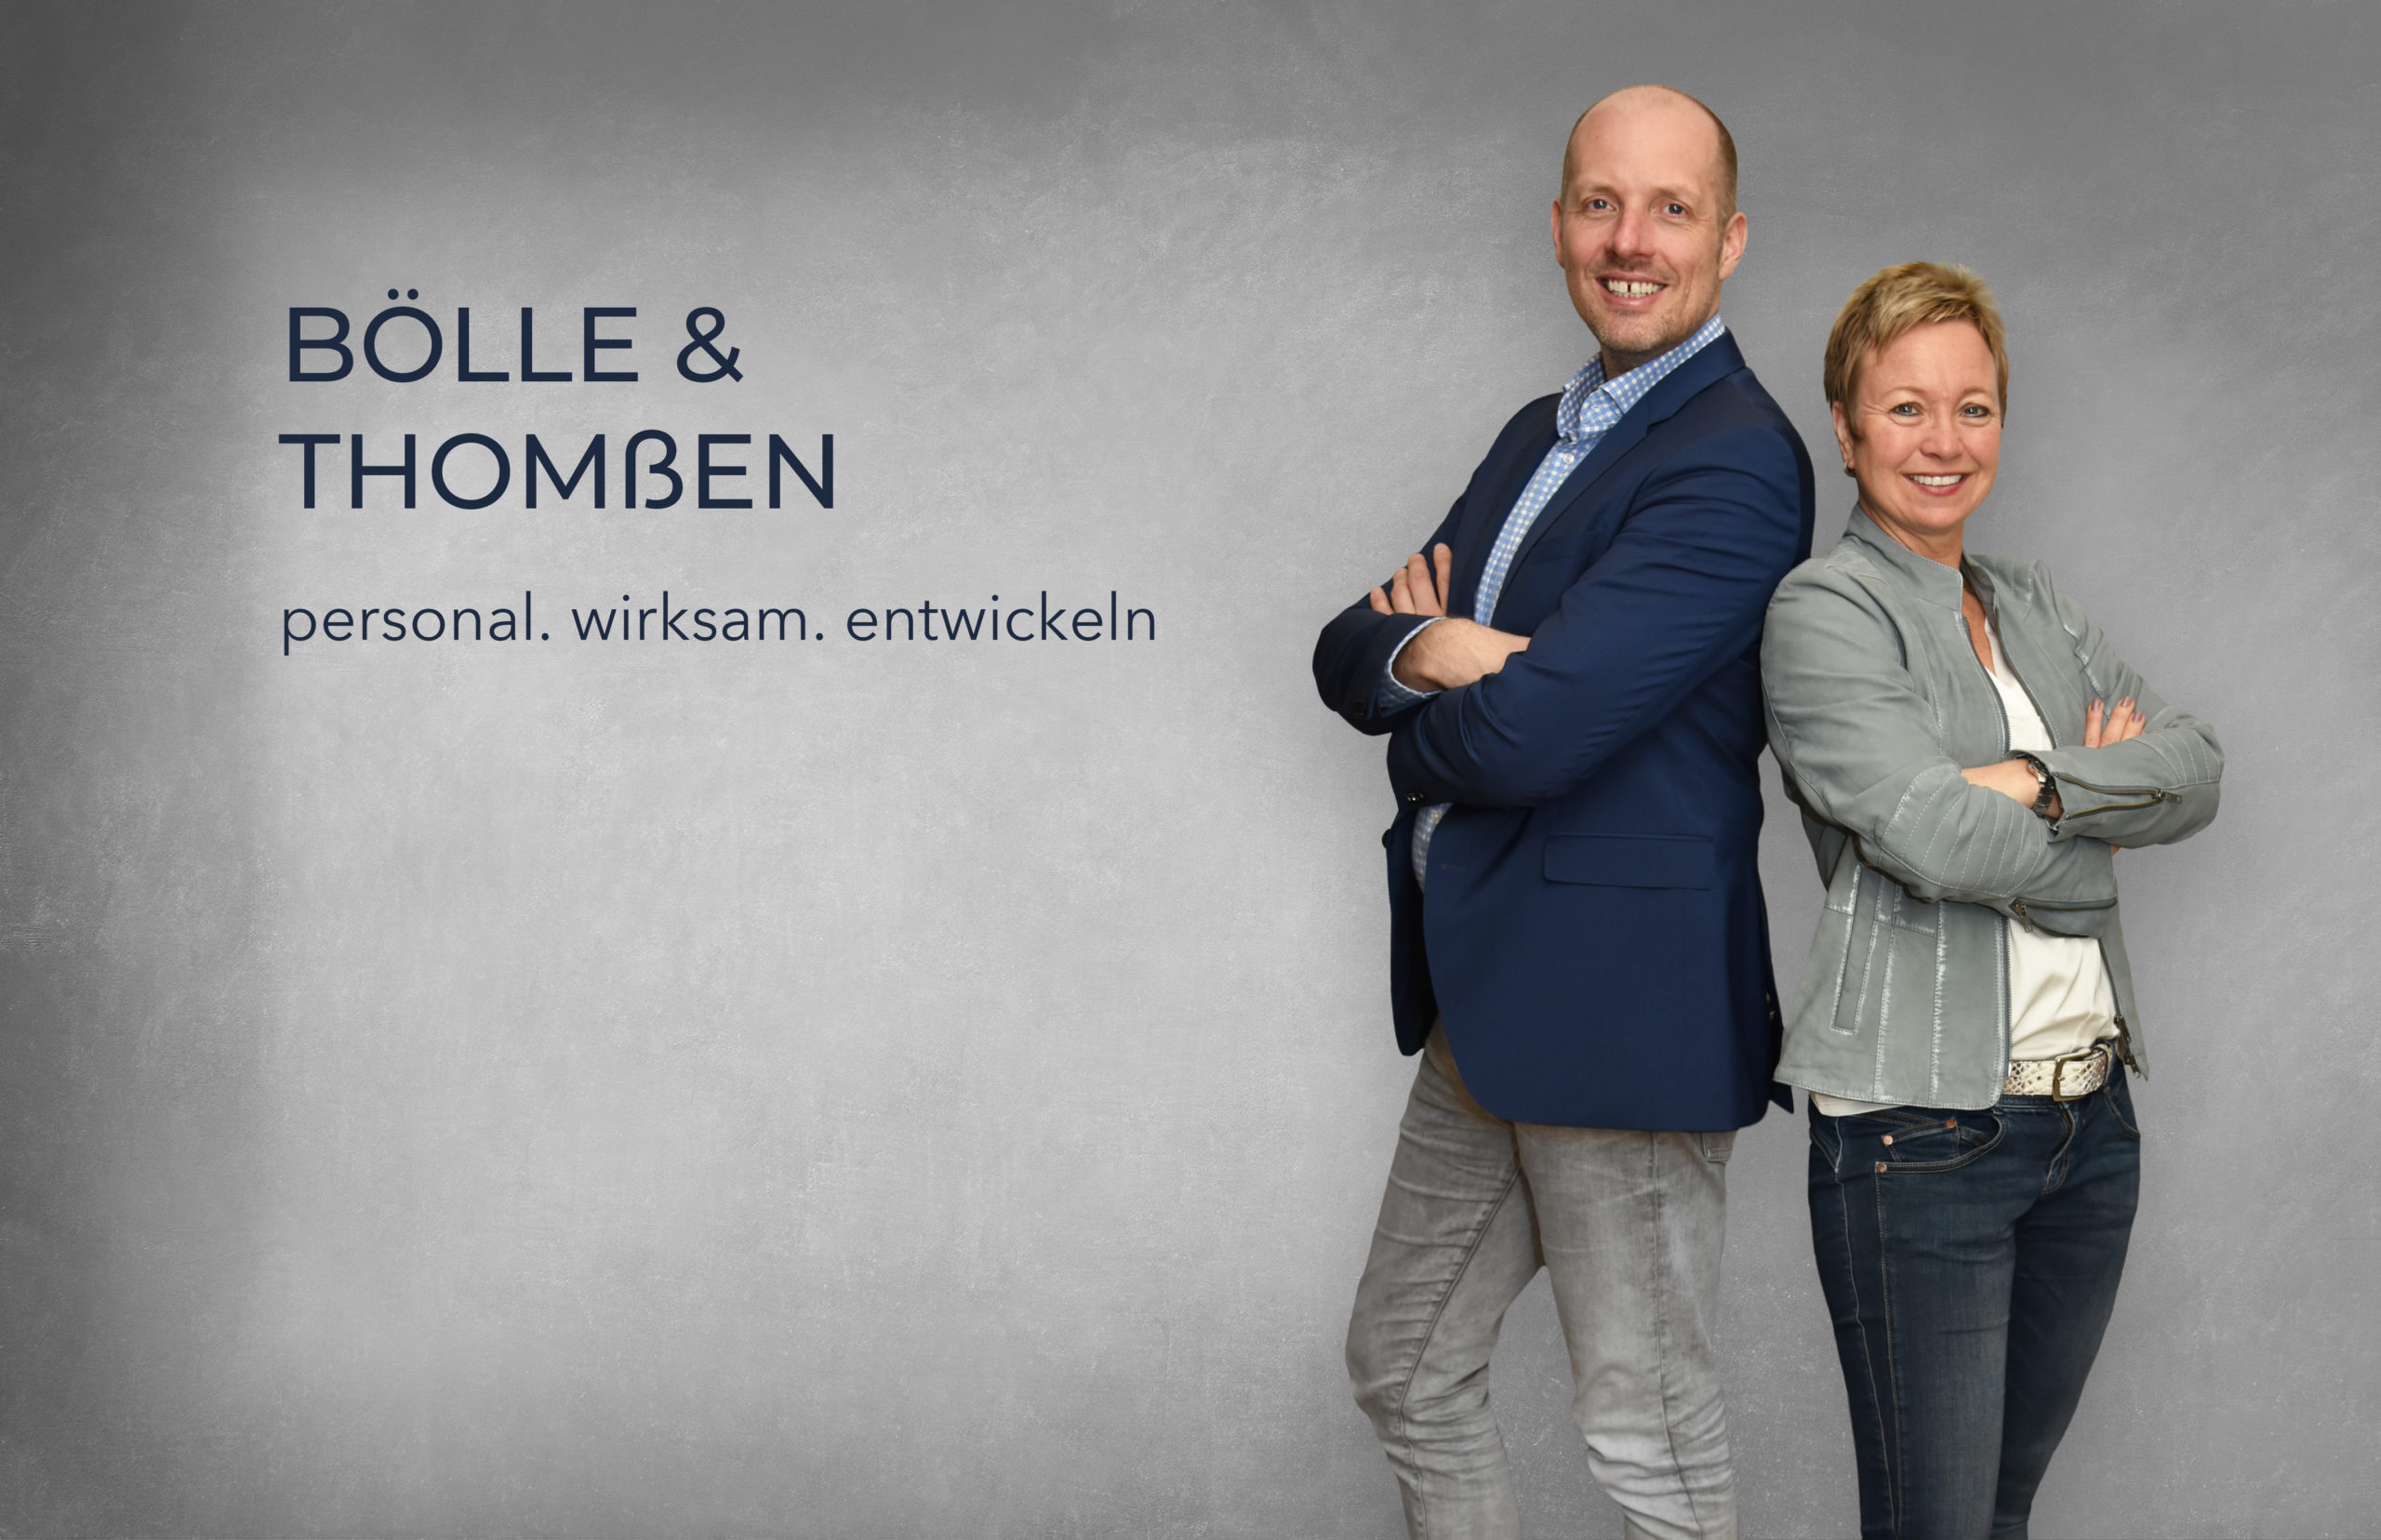 Simone Thomßen, Kai Bölle